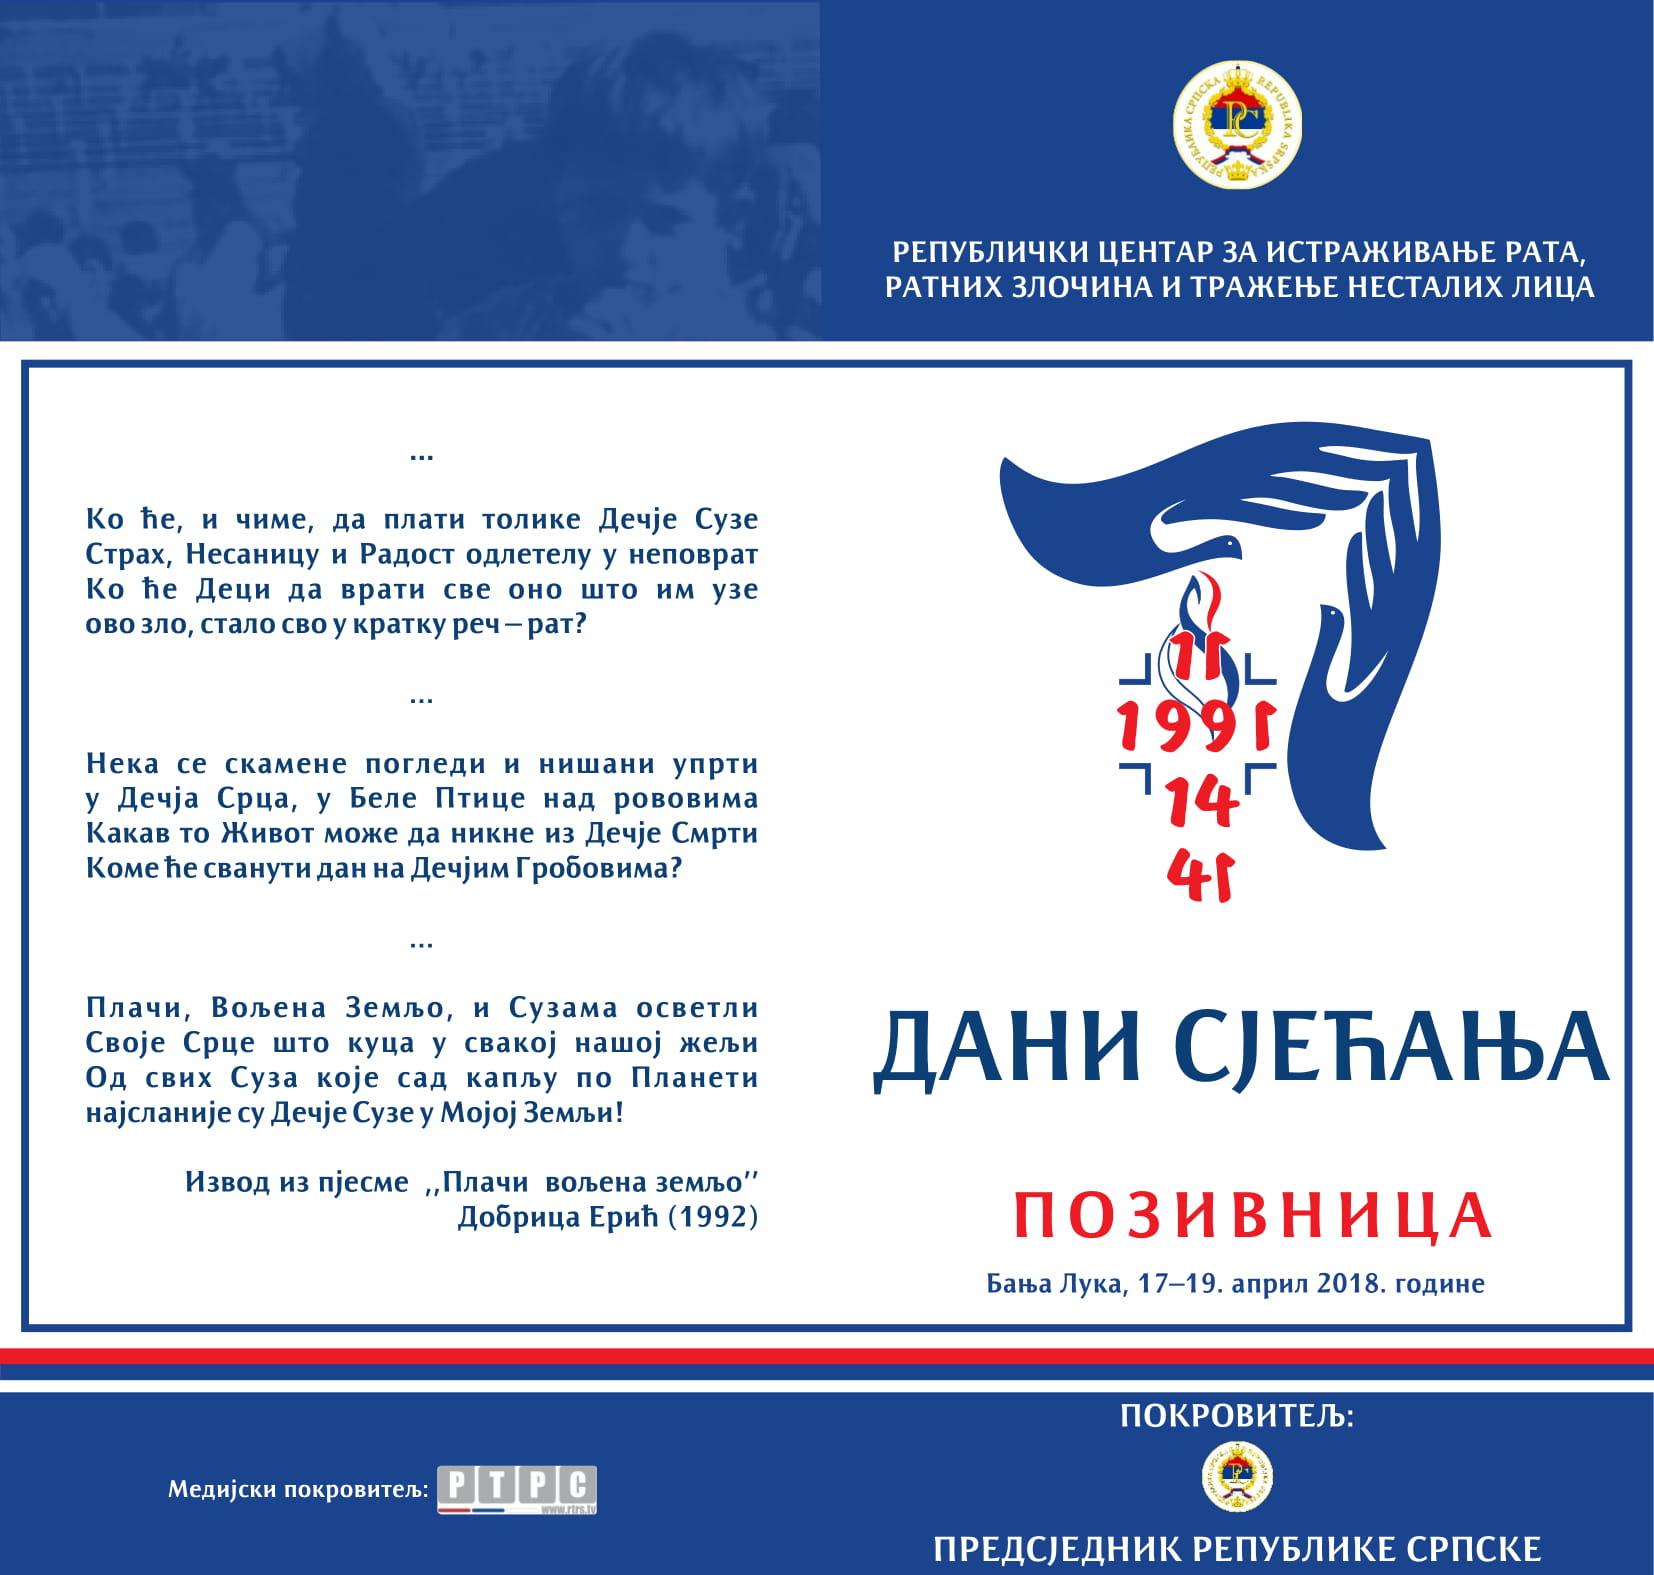 ПОЗИВНИЦА ДАНИ СЈЕЋАЊА АПРИЛ 2018-1